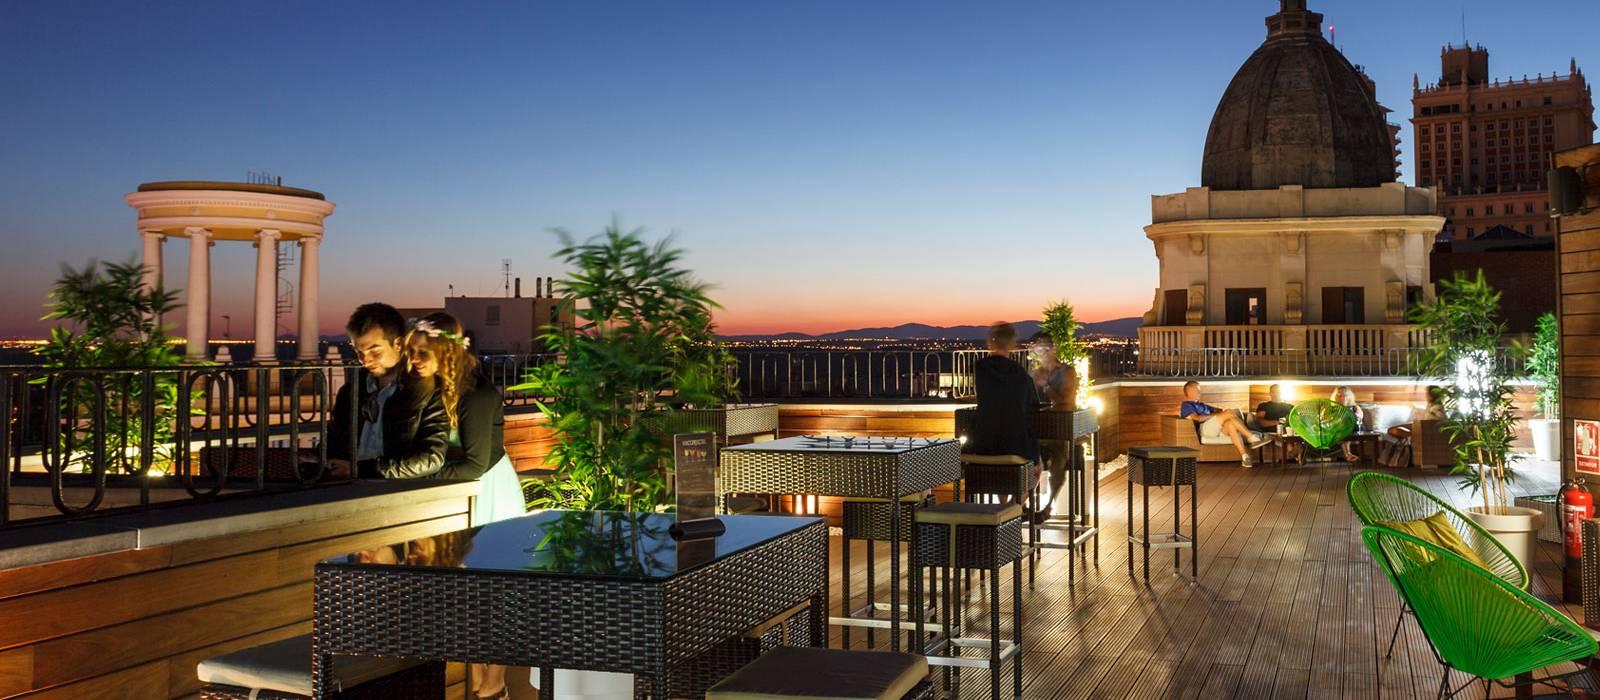 Hoteles con terraza en madrid vincci v a 66 for Terrazas de verano madrid